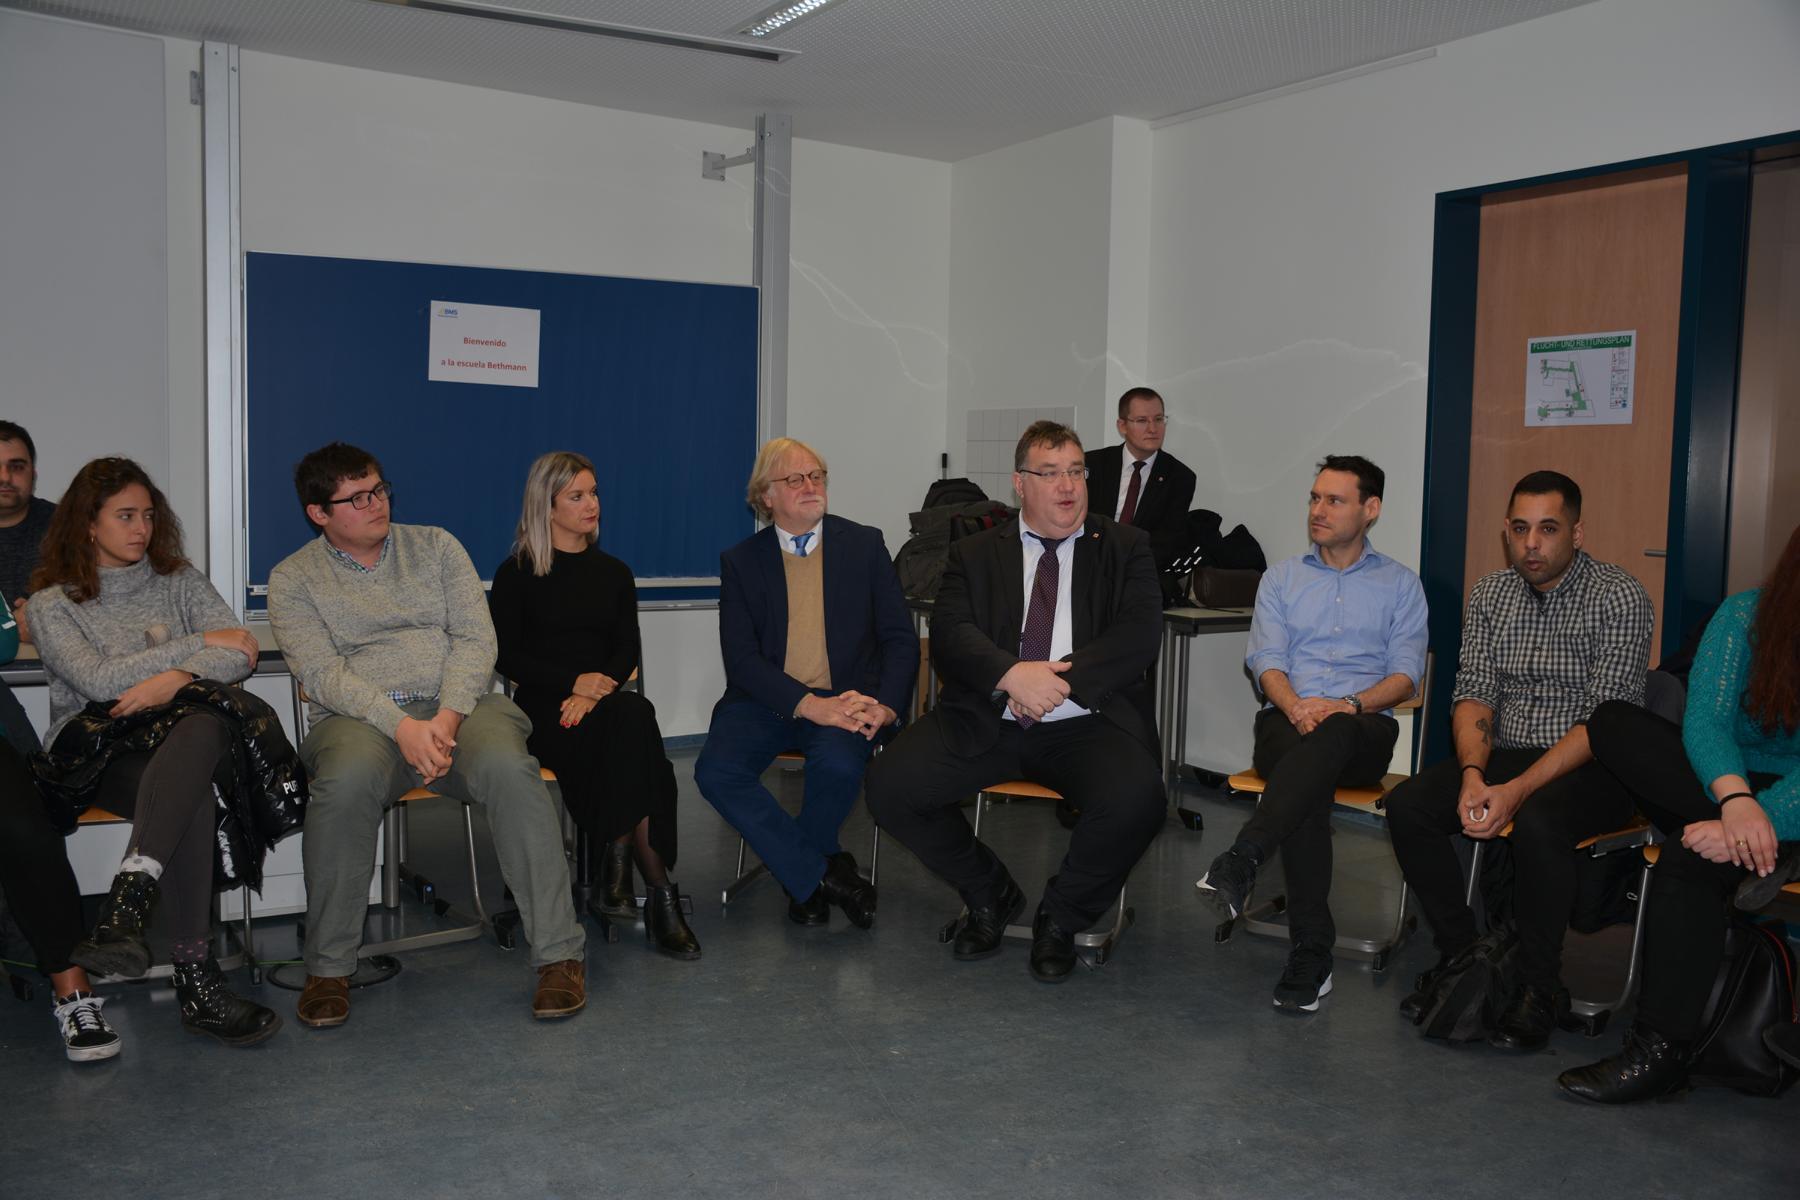 Gesprächsrunde mit hessischem Staatssekretär für Europaangelegenheiten Mark Weinmeister